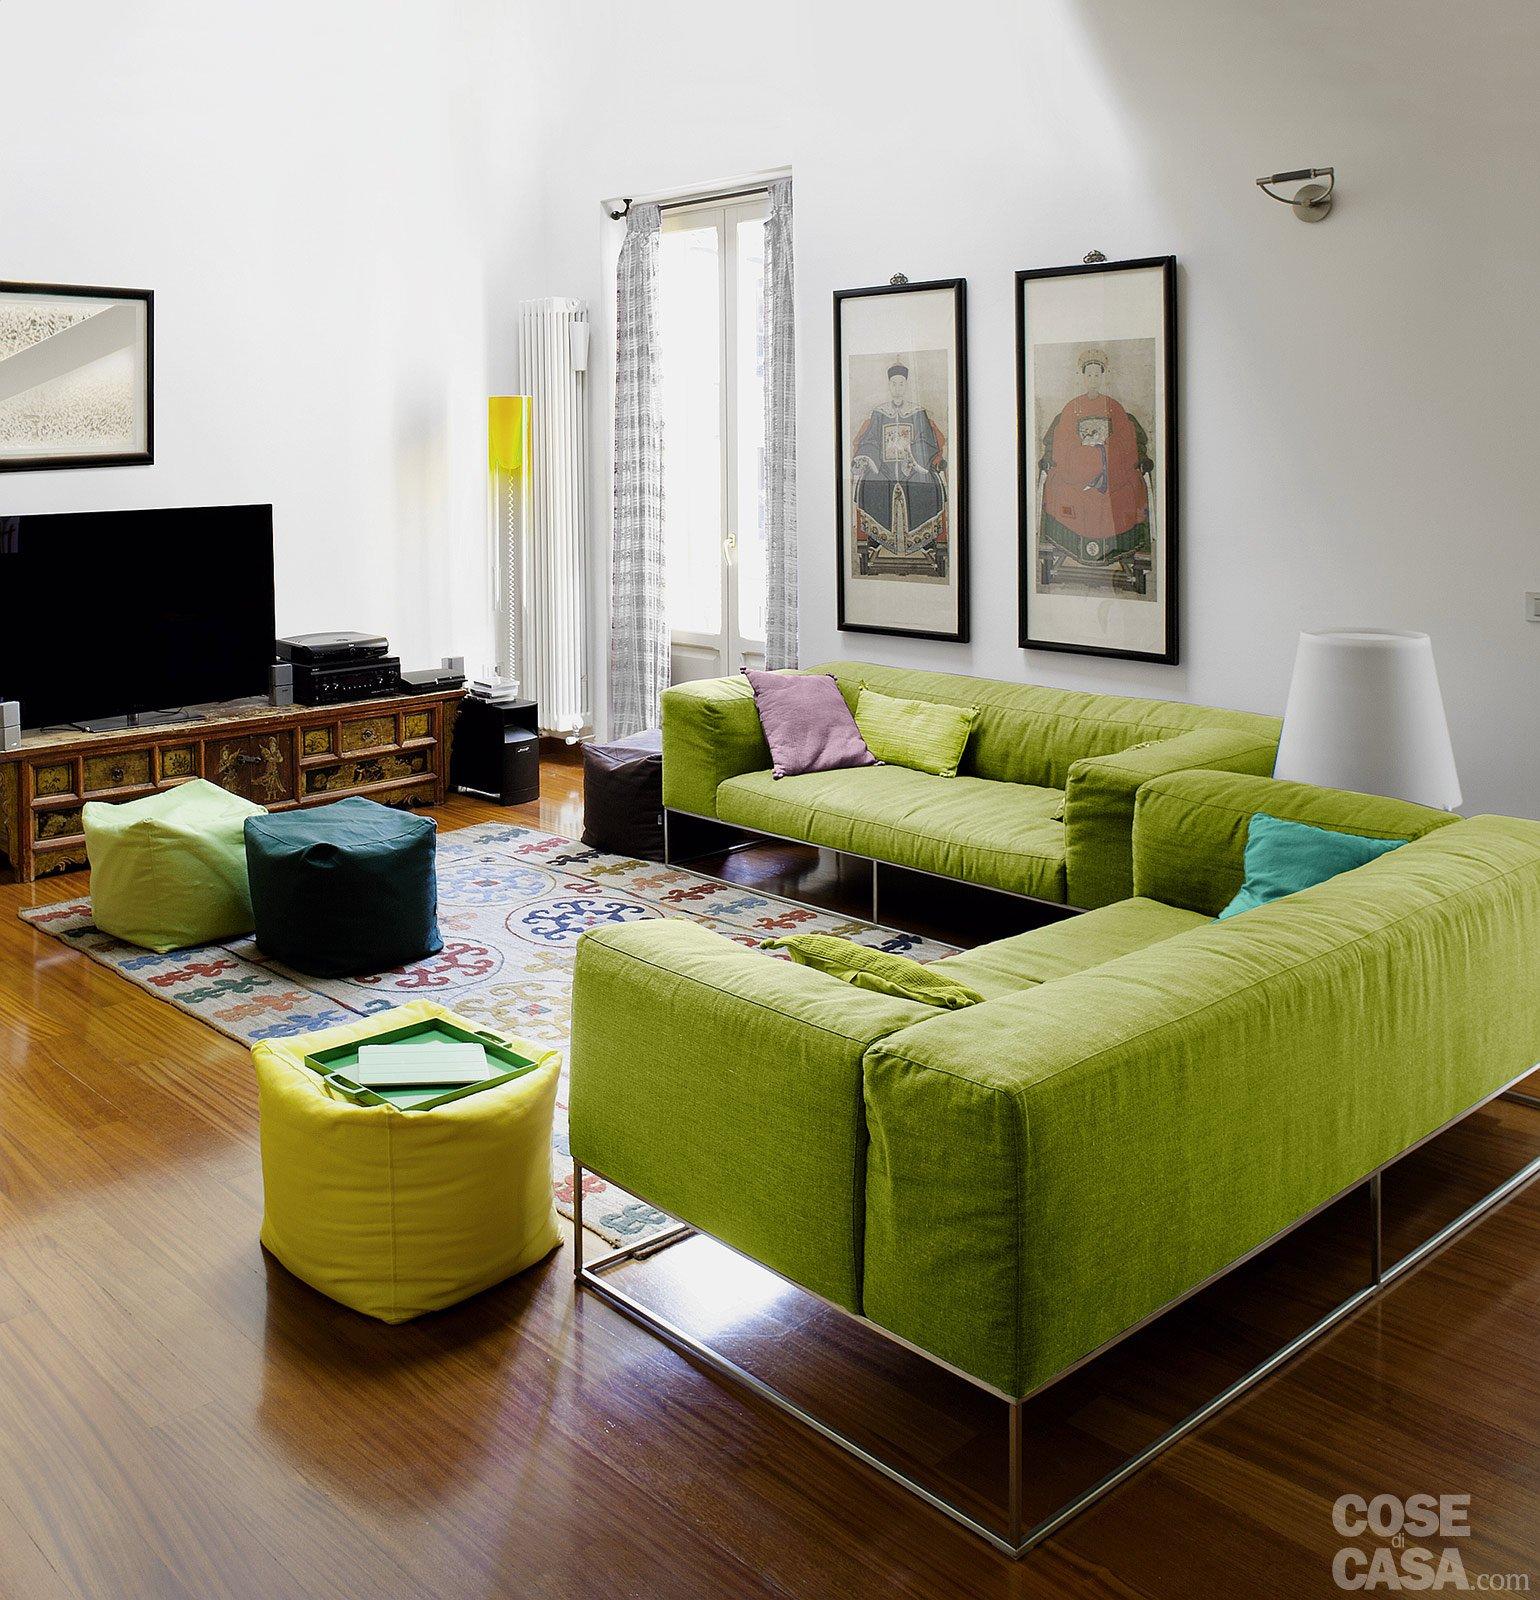 Excellent cool una casa con vani a scomparsa cose di casa - Mobili soggiorno angolari ...